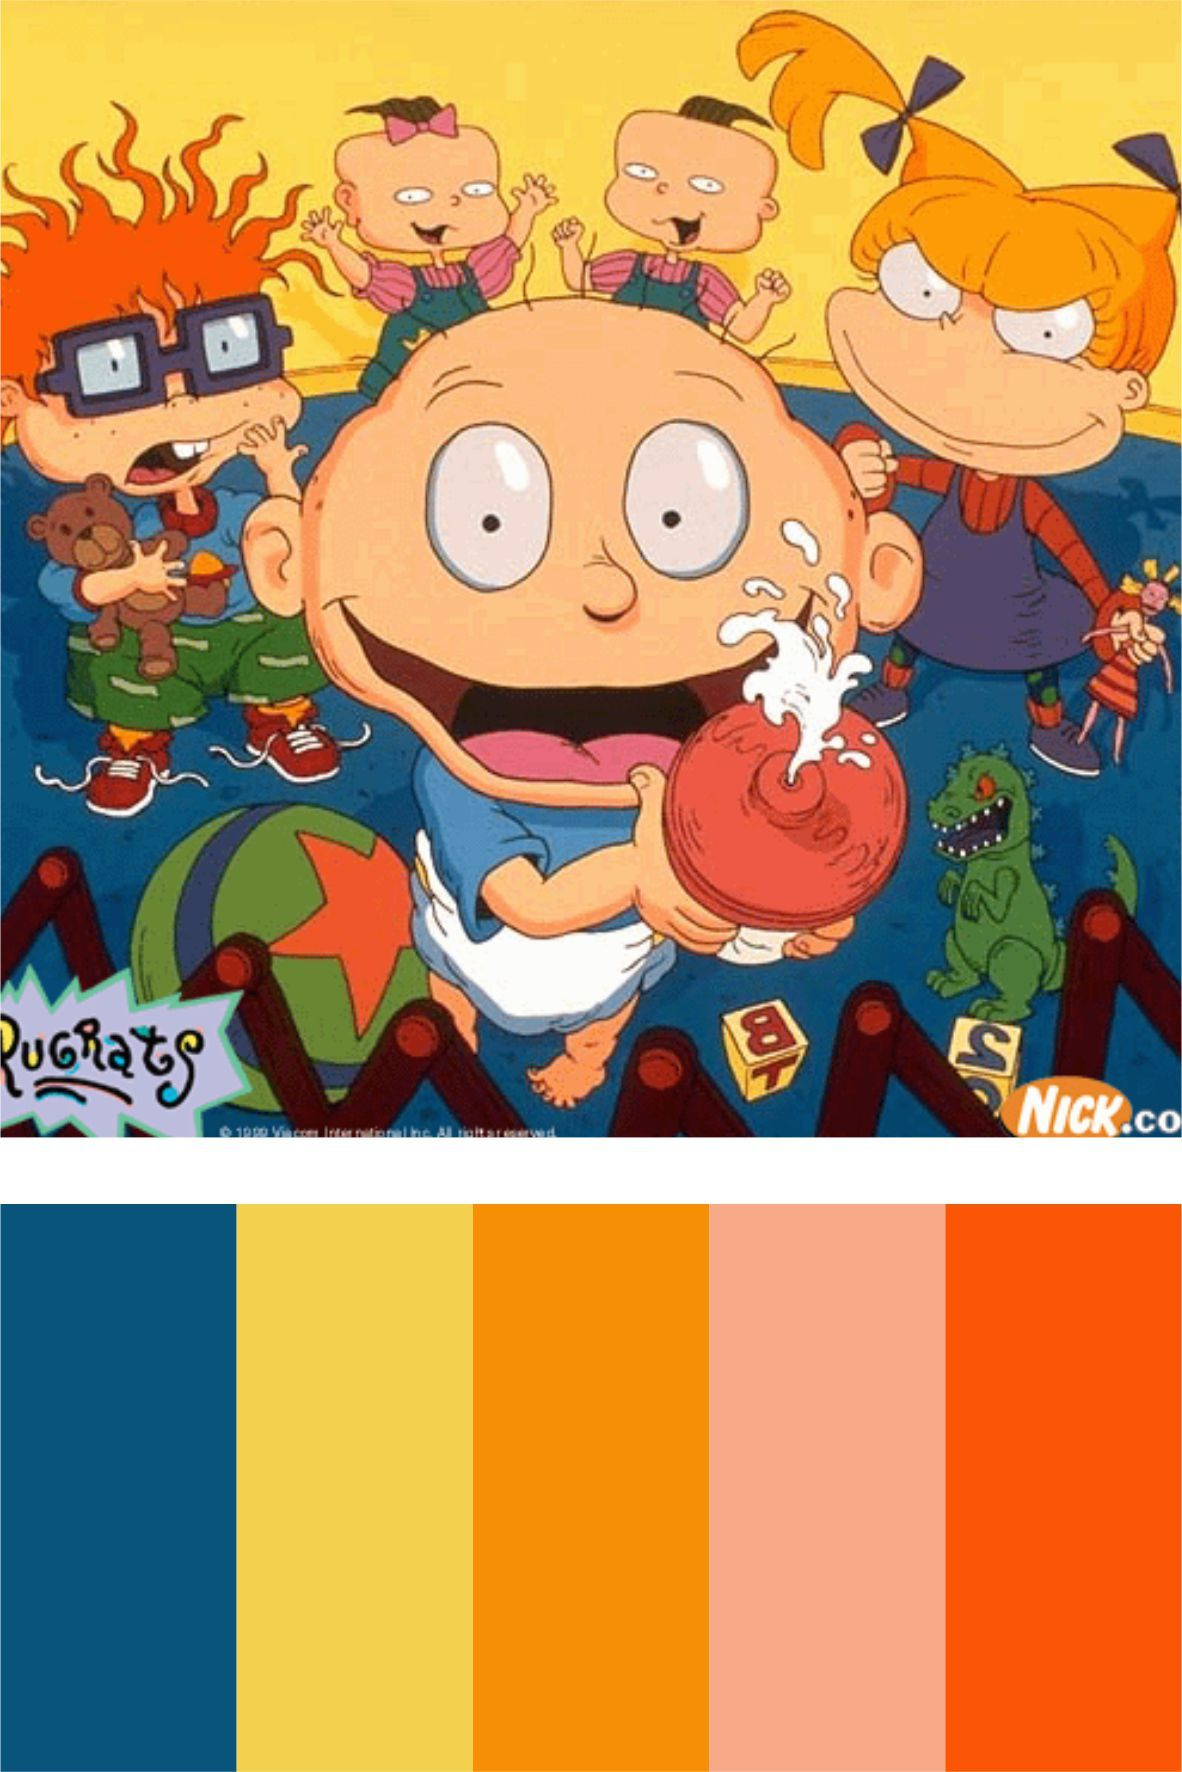 Rugrats- cutest cartoon ever :)